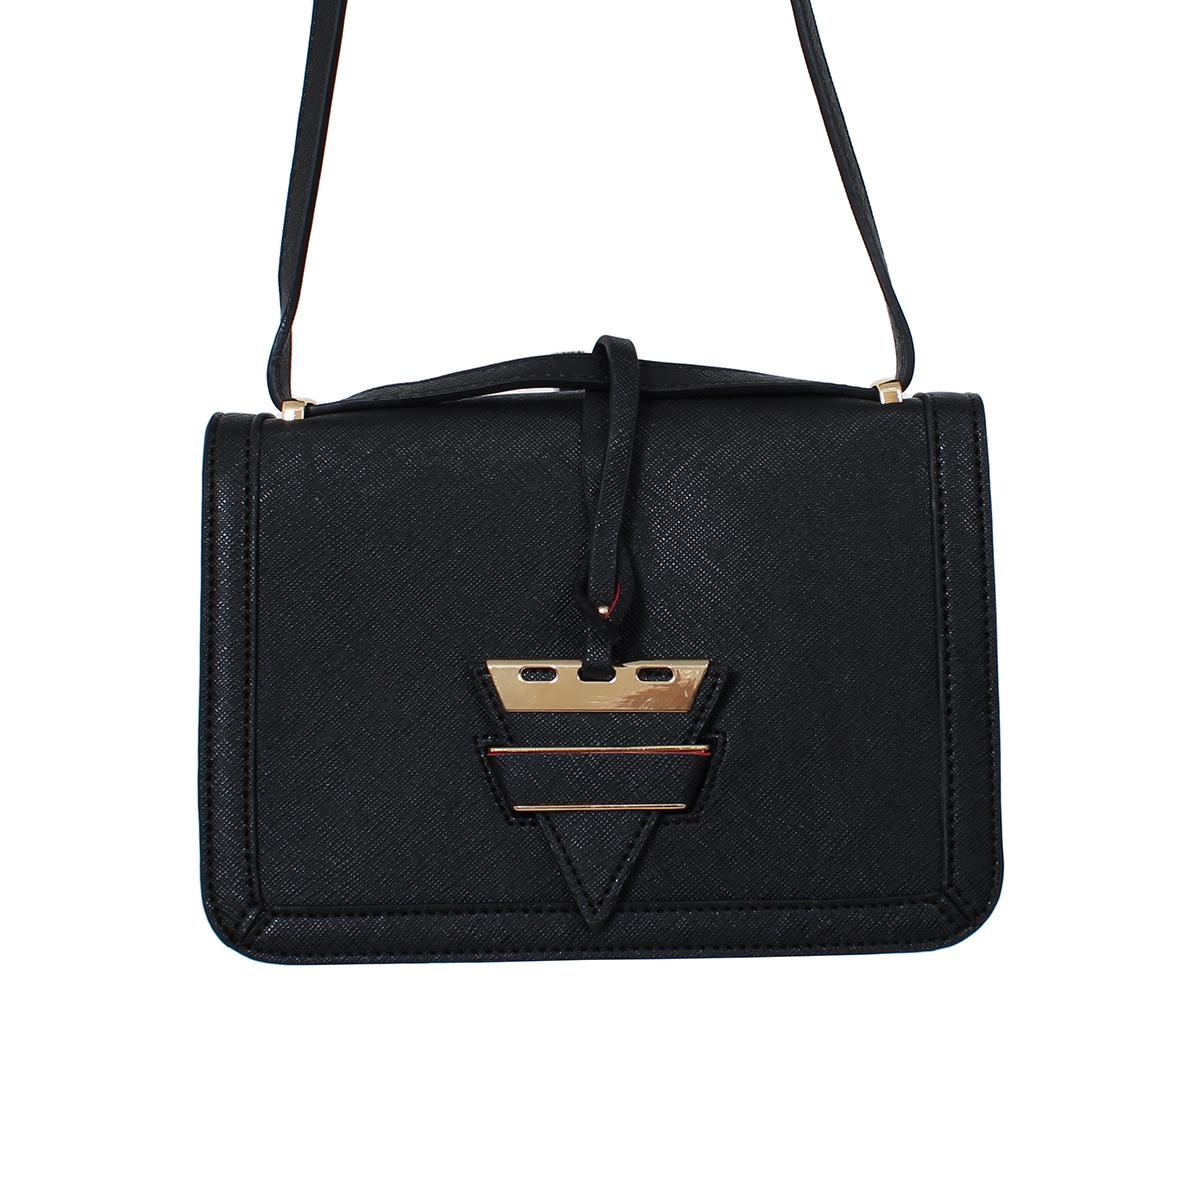 Сумка жен. Flioraj, цвет: черный. 0005162800051628Закрывается на декоратвную застежку. Внутри одно отделение, один открытый карман. Длинный ремень.